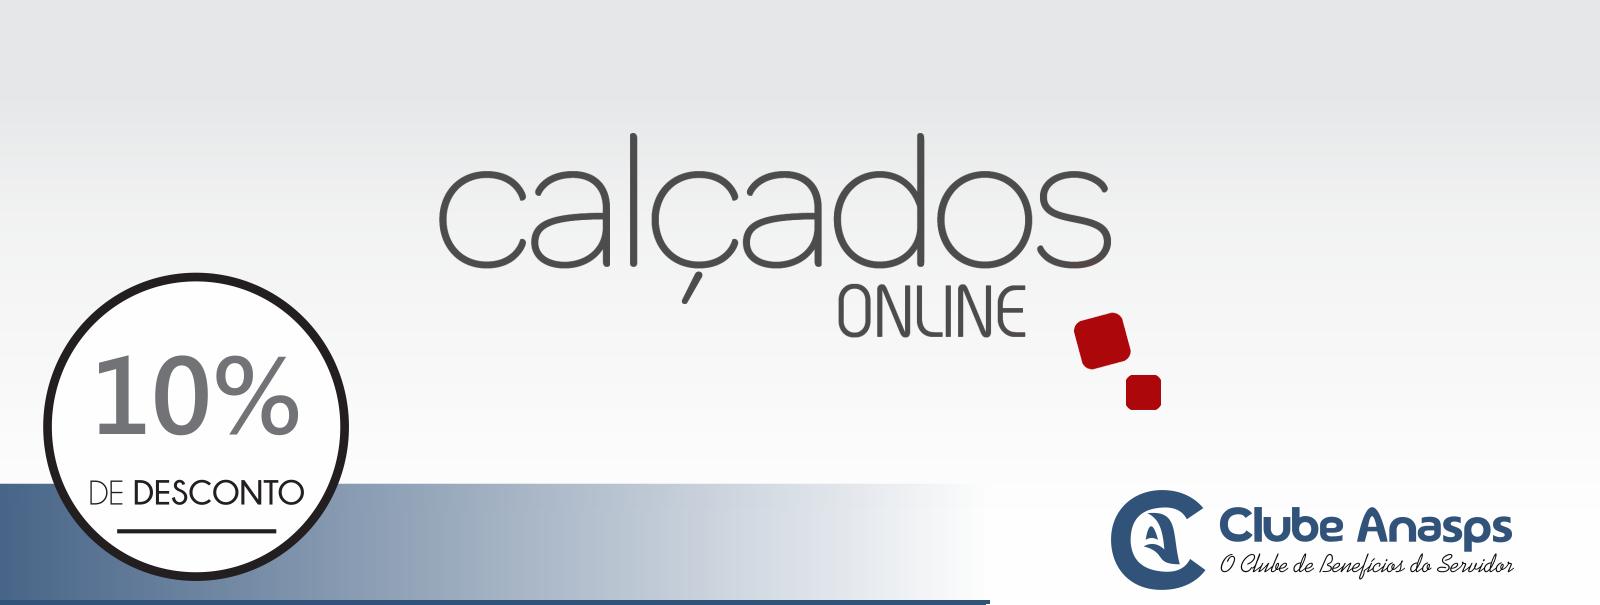 2f1ecb49f6 Clube faz parceria com a Calçados Online - Anasps